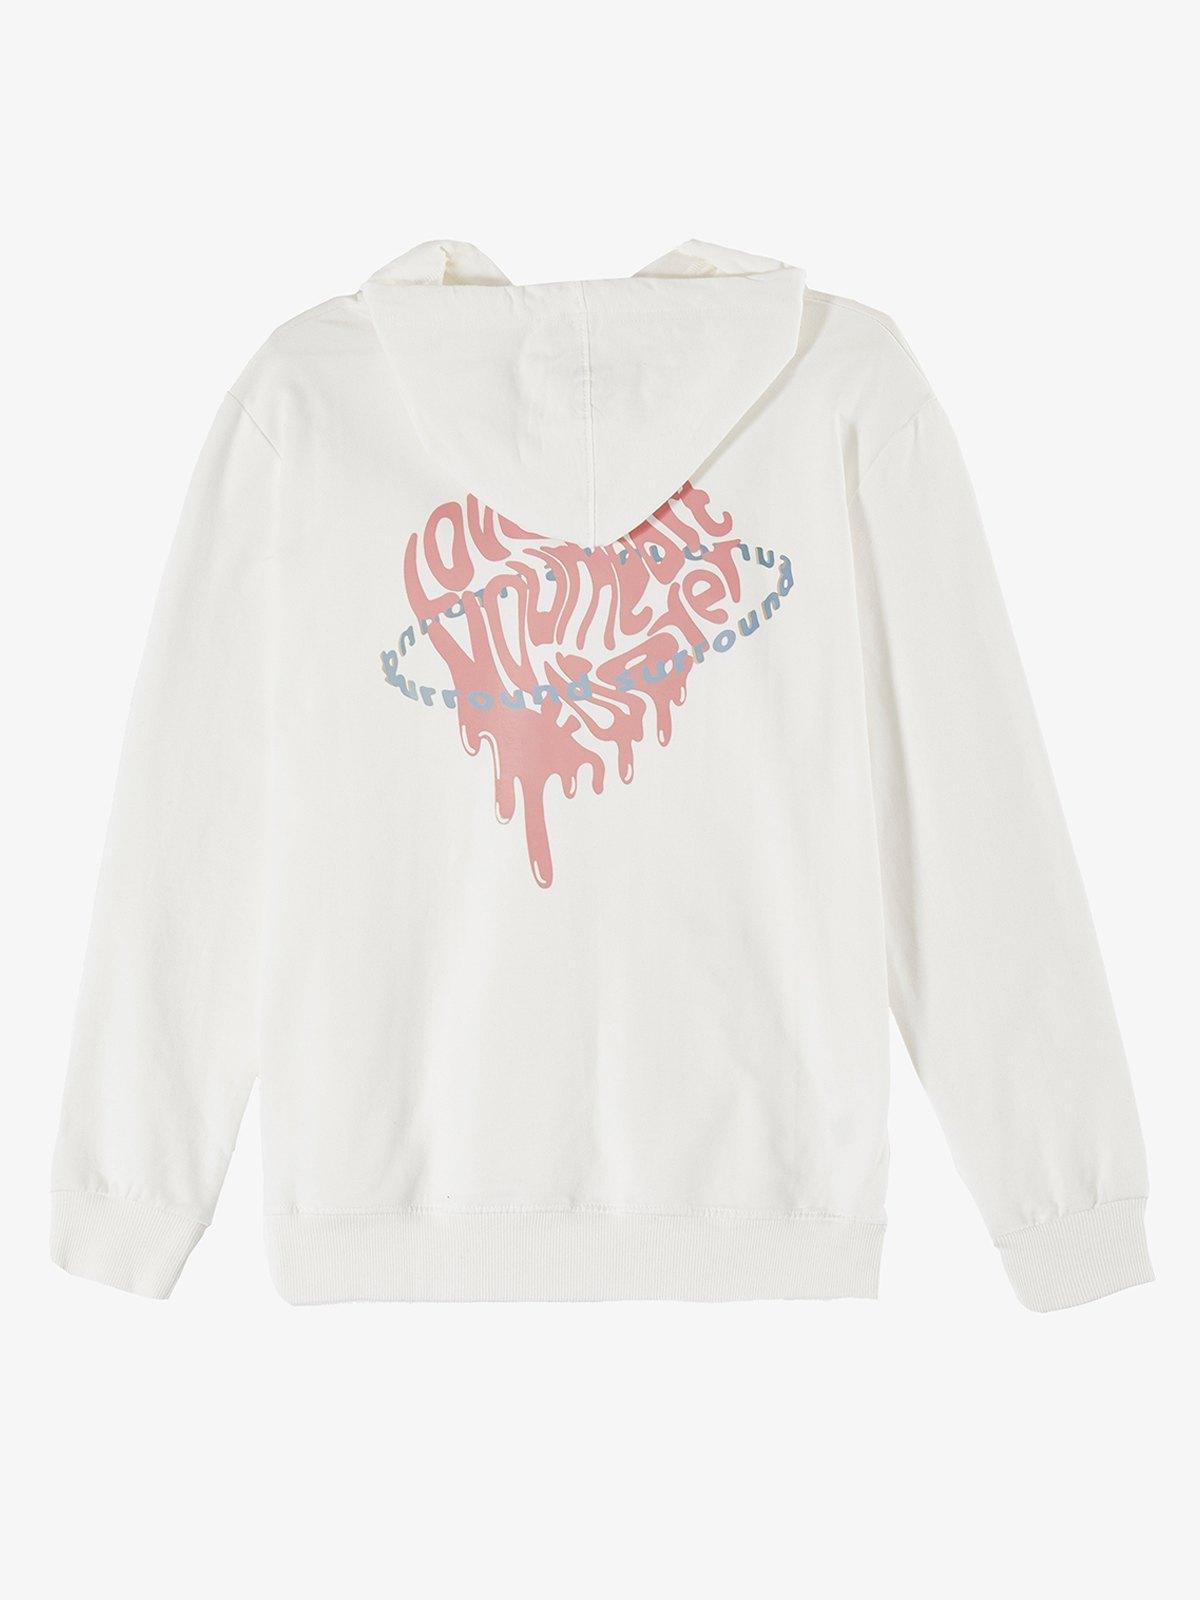 Surround Love Printed Hoodie - White S